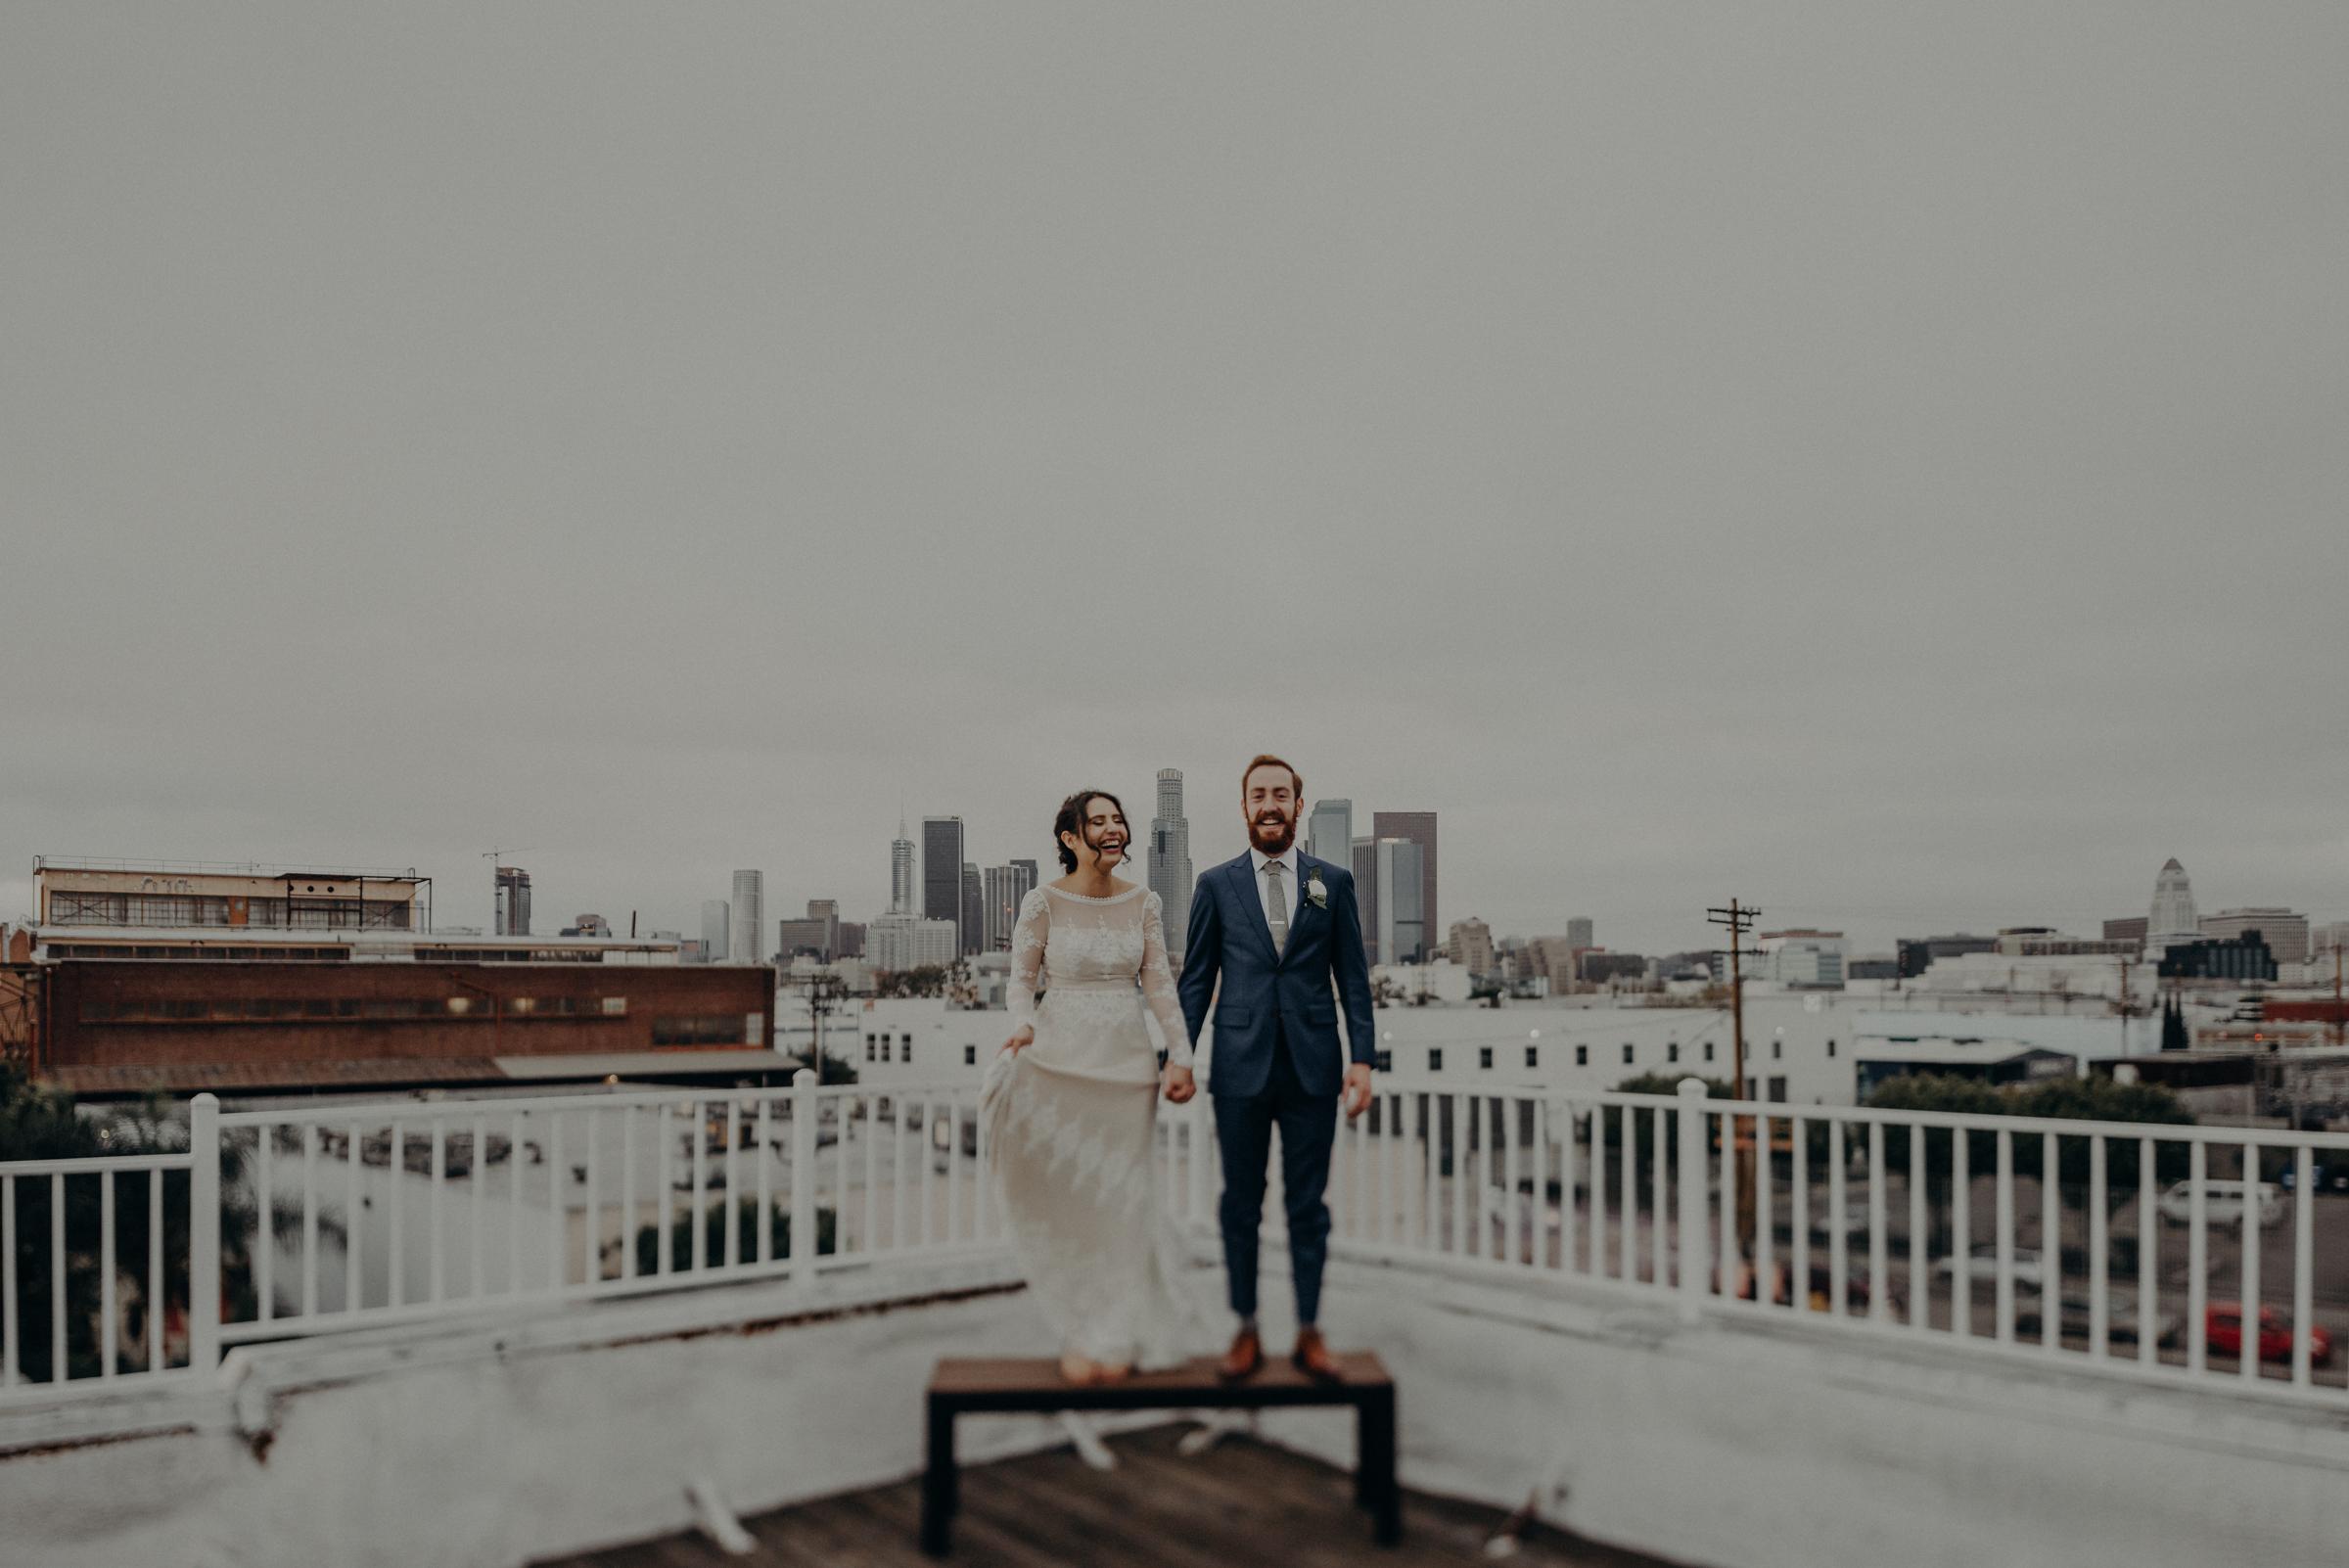 L.A. wedding photographer - Los Angeles Elopement Photography - The Unique Space Venue - IsaiahAndTaylor.com